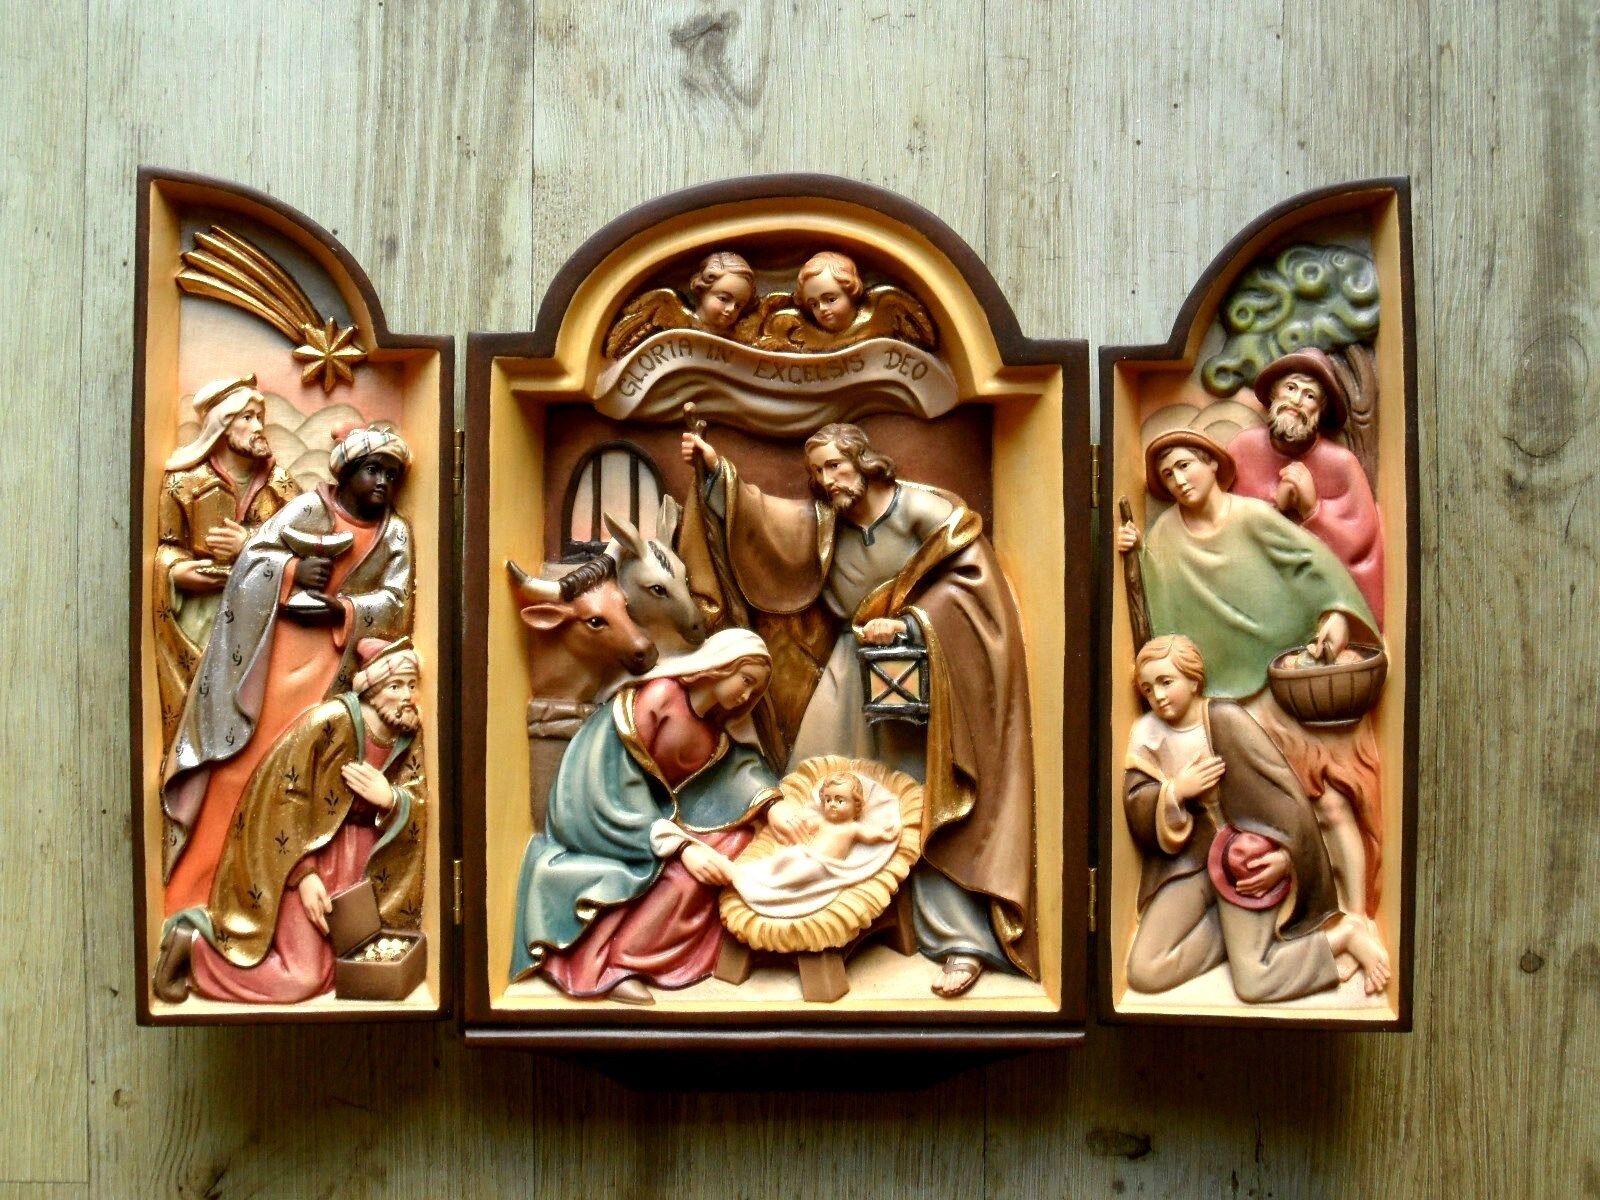 Geschnitztes Krippenbild, Weihnachtskrippe, Wandbild, Holz, Nativity woodcarving